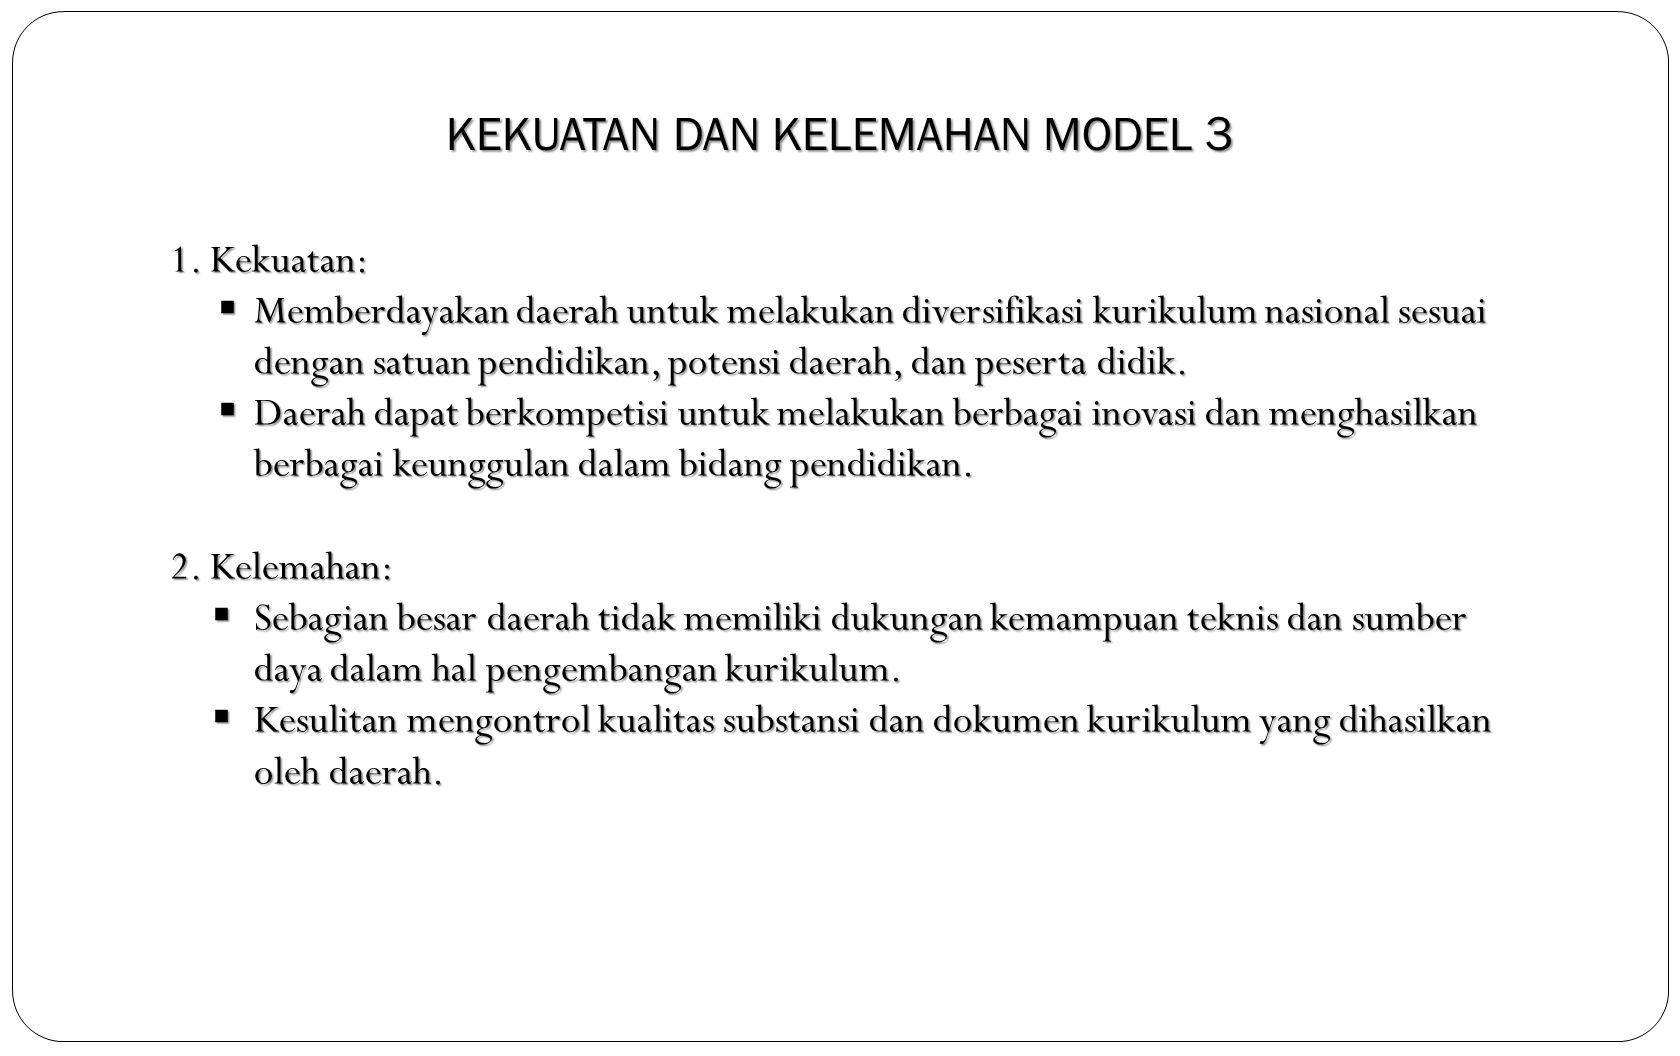 KEKUATAN DAN KELEMAHAN MODEL 3